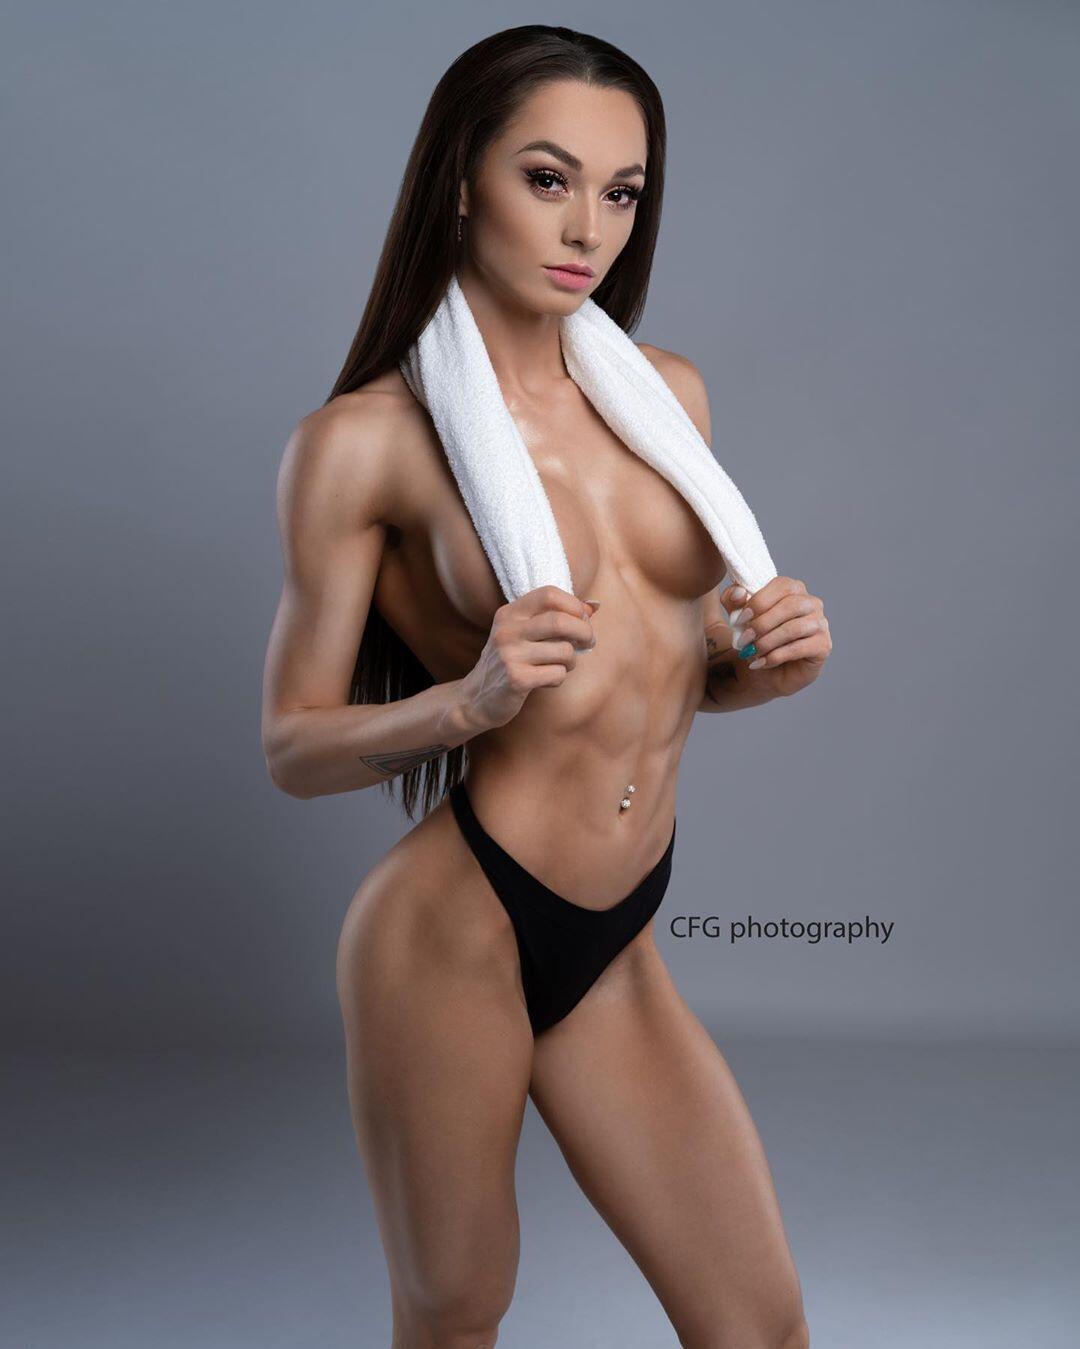 Популярная чешская фитнес-модель снялась в эротической фотосессии